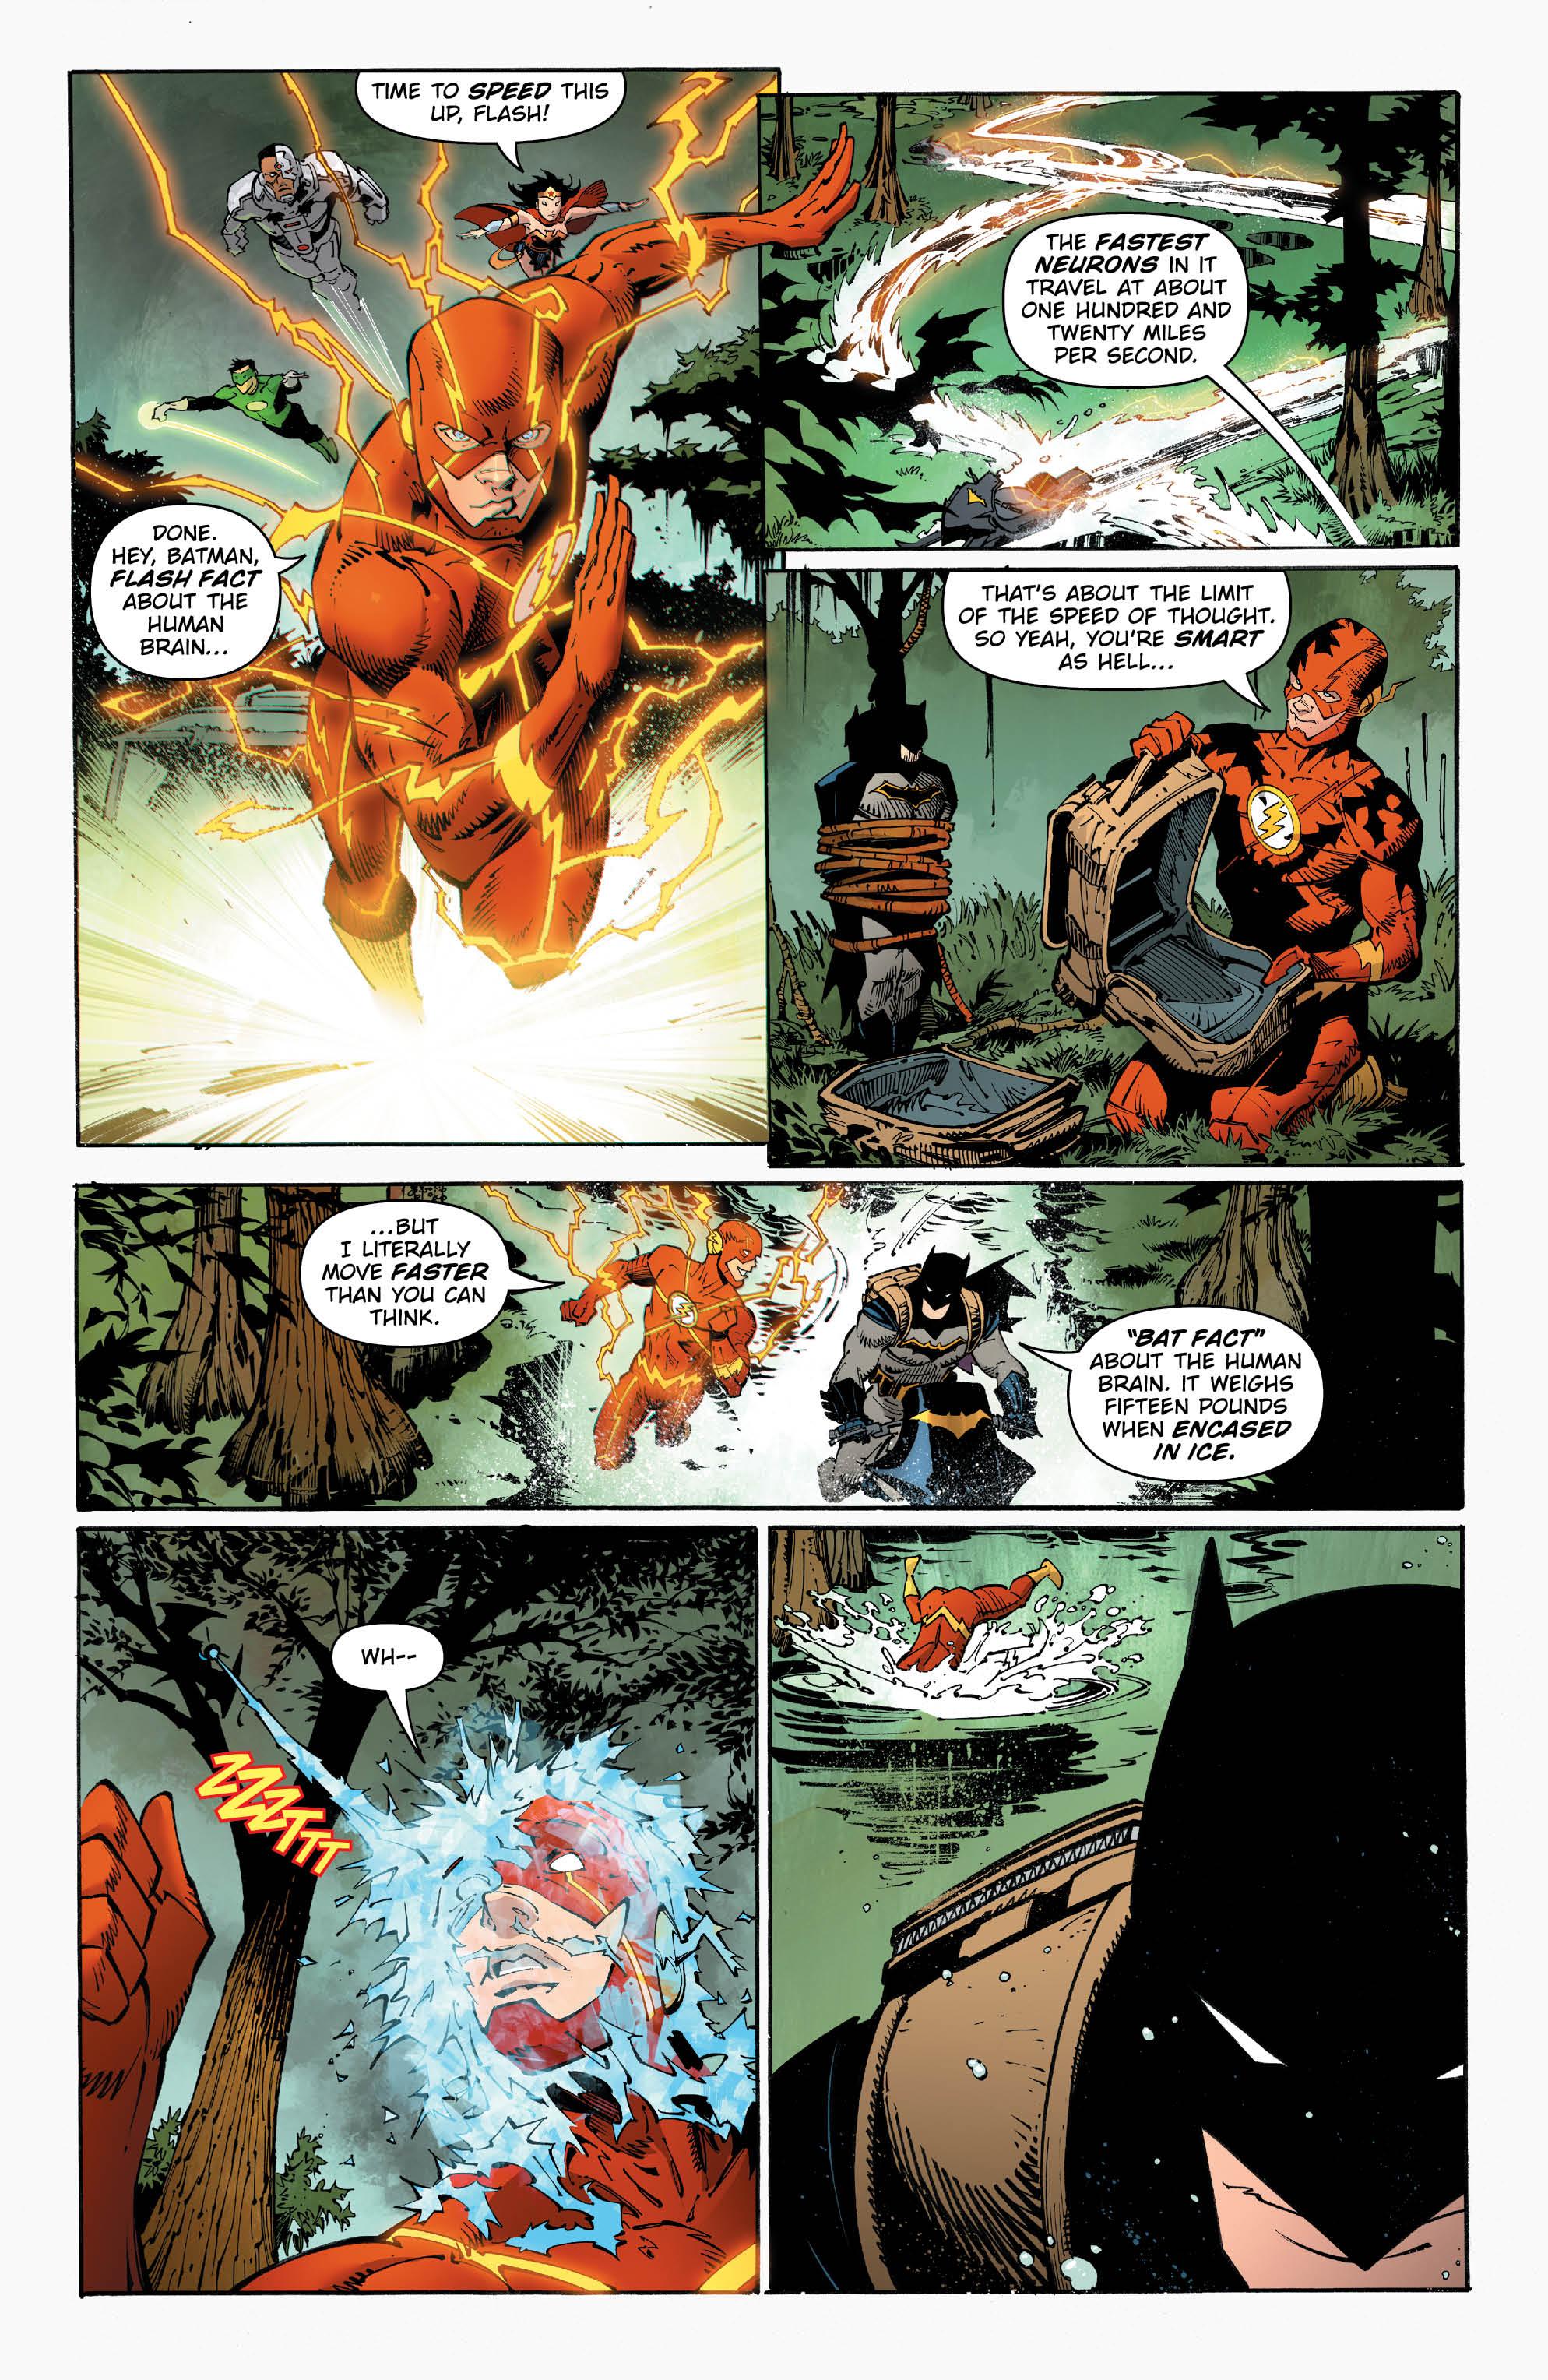 Metal 2 - Page 5 - DC Comics News